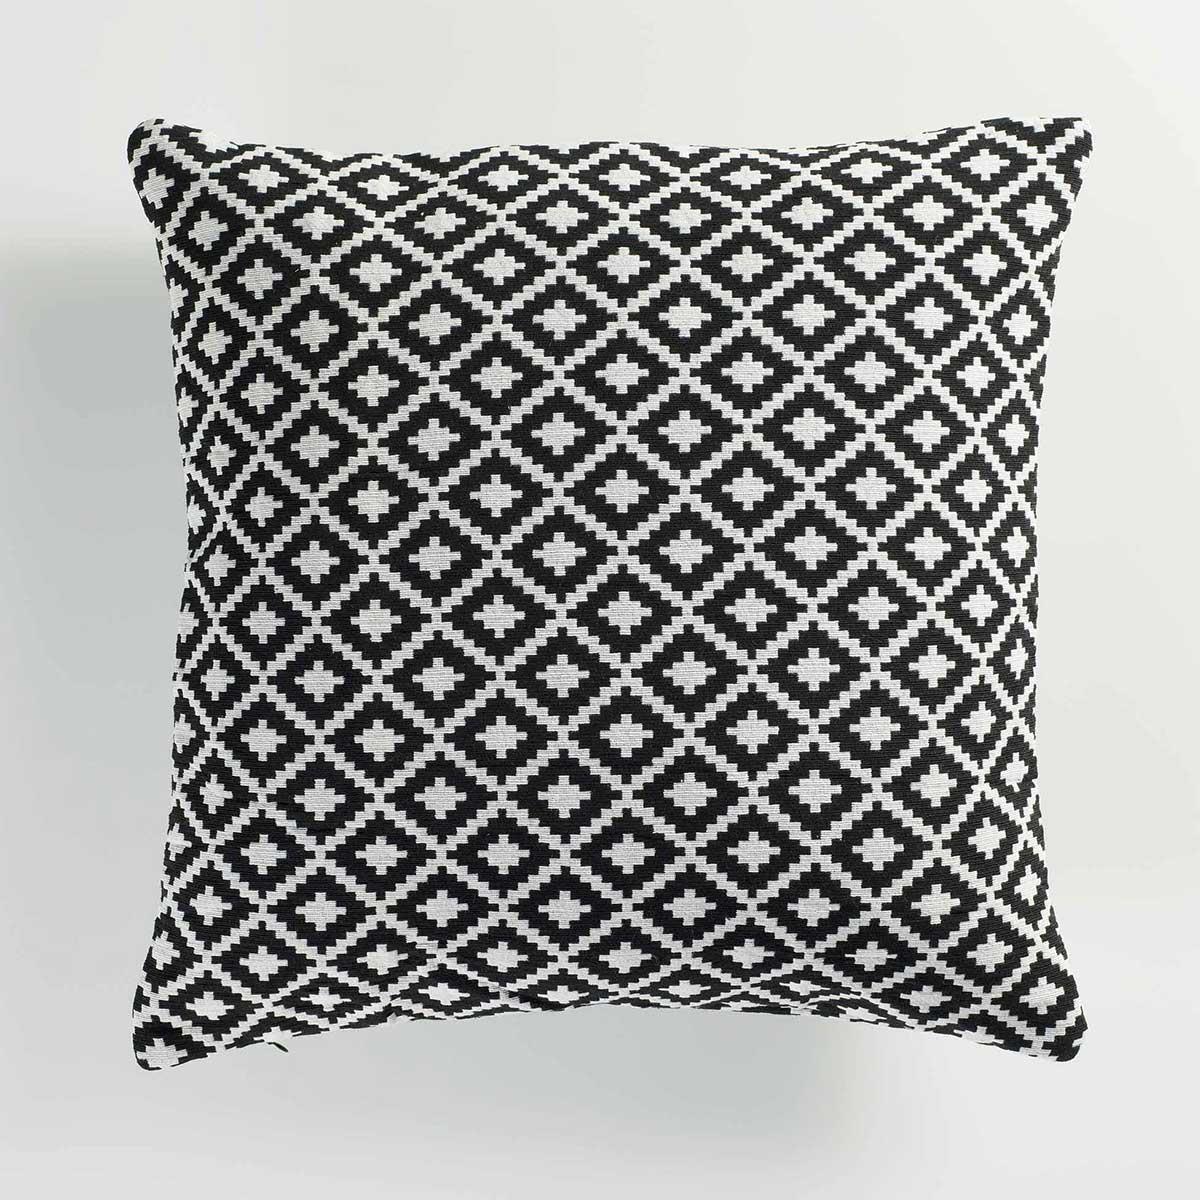 Coussin Déhoussable en Jacquard Black & White - Noir / Blanc - 40 x 40cm